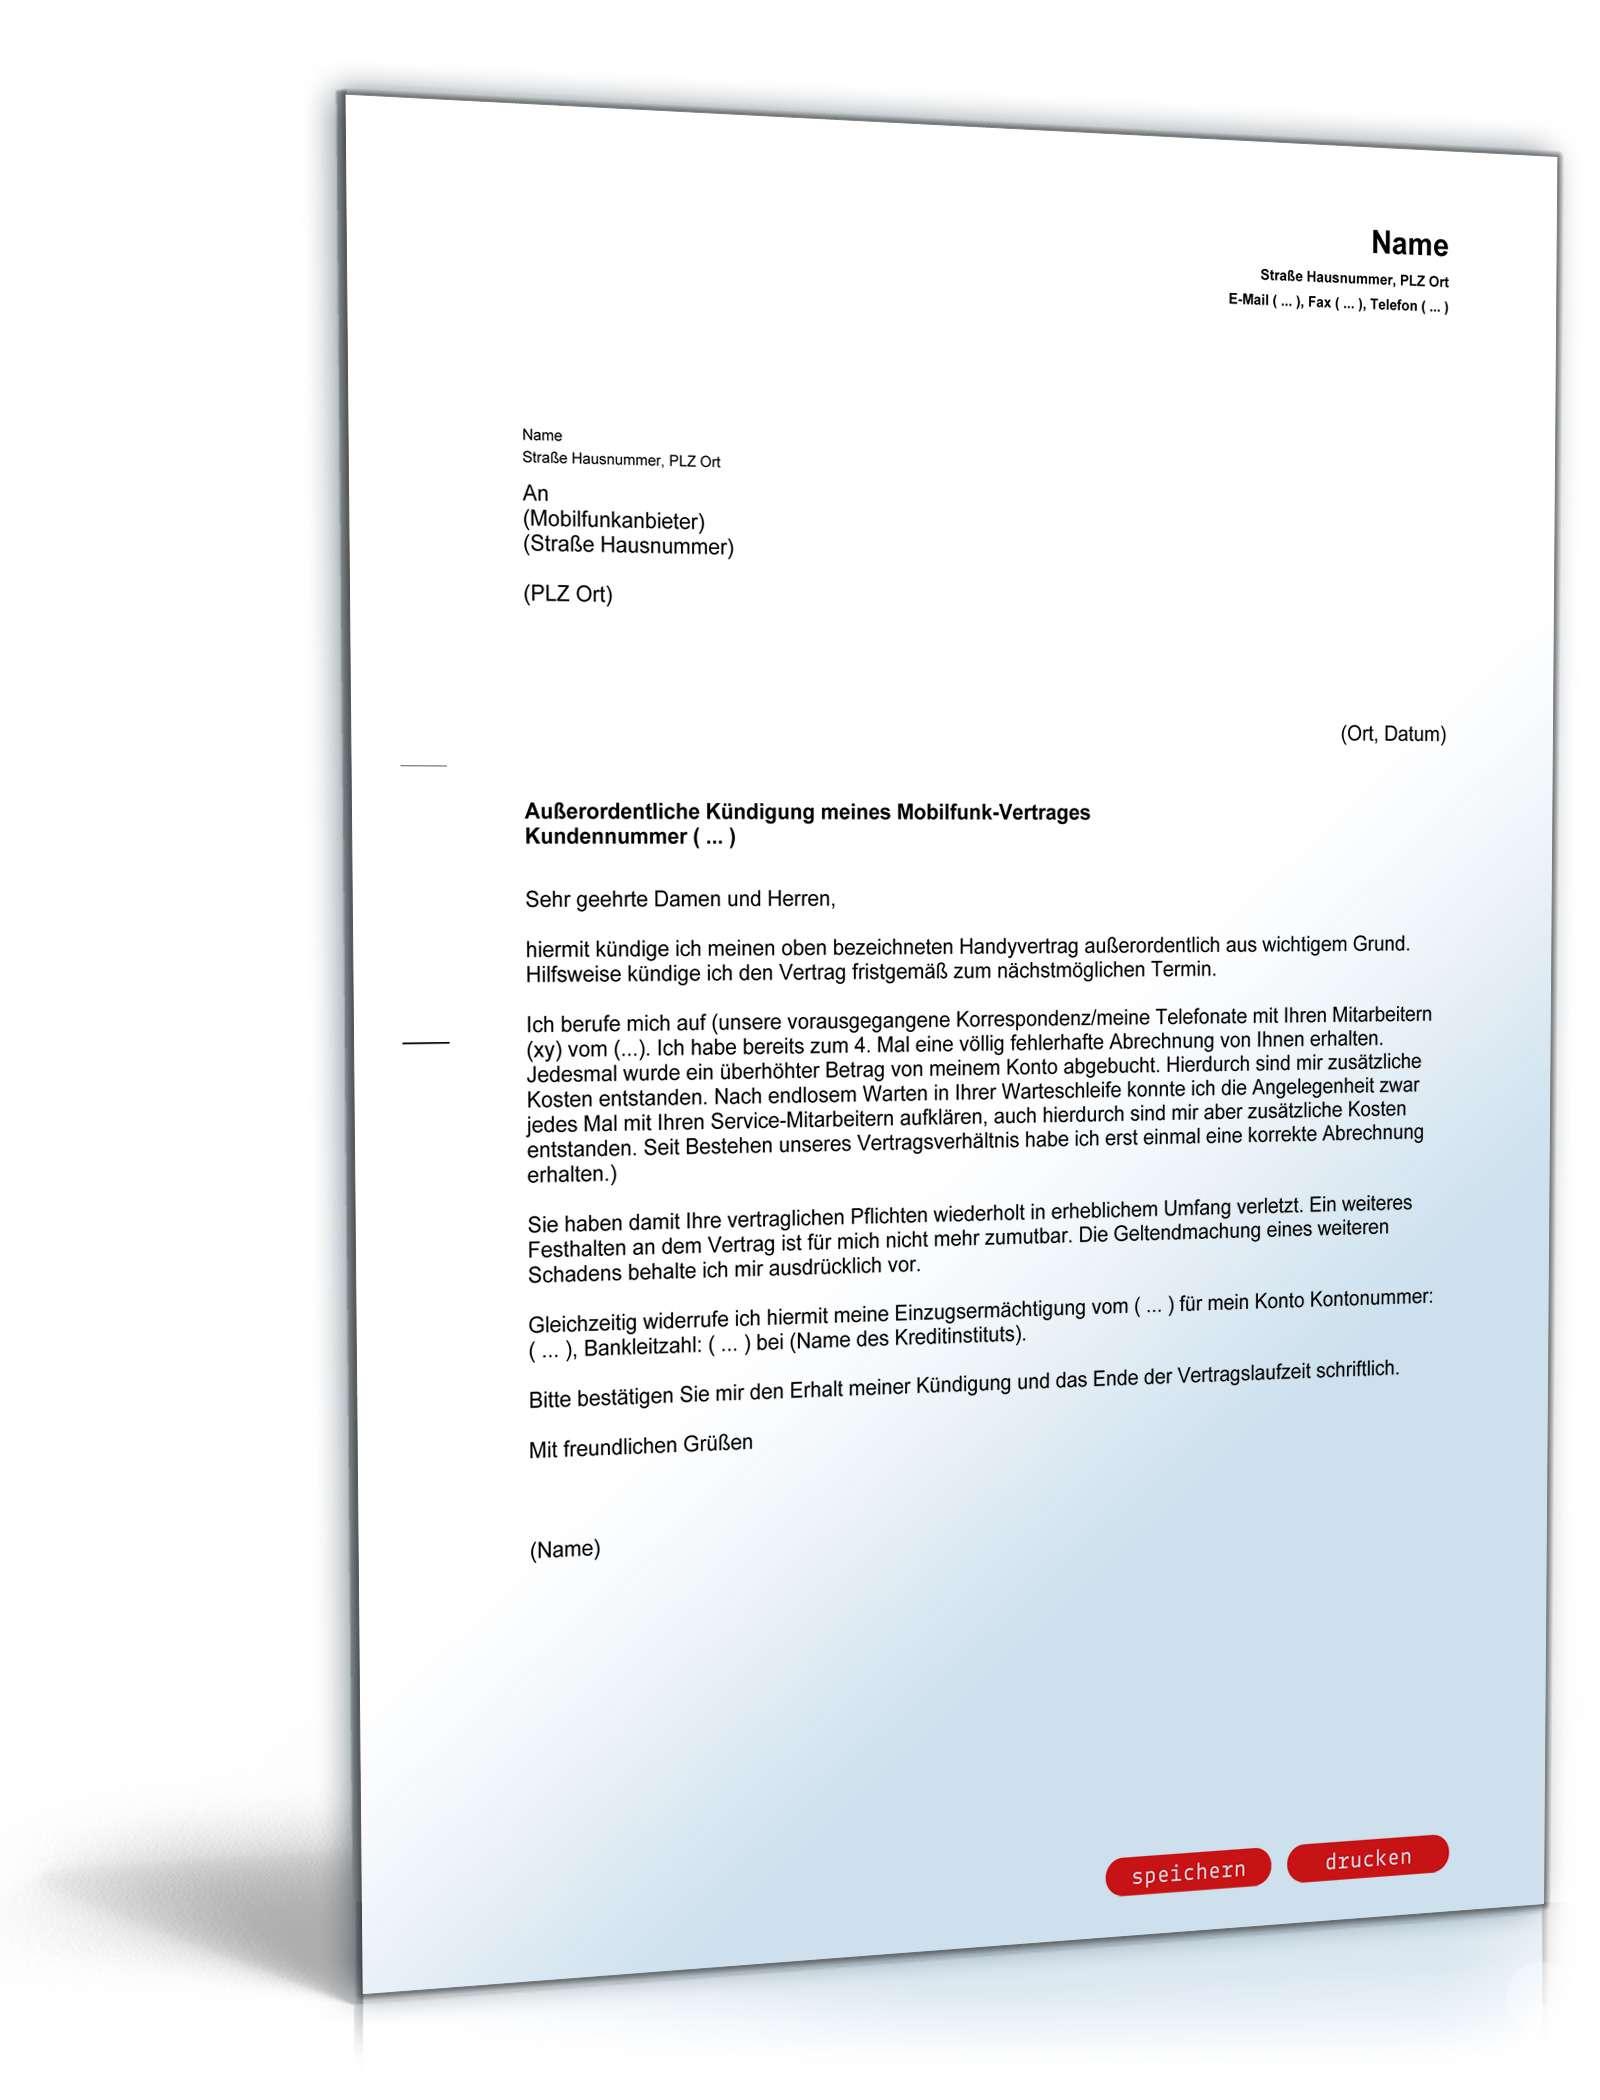 fristlose kndigung handyvertrag - Kundigungsschreiben Handyvertrag Muster